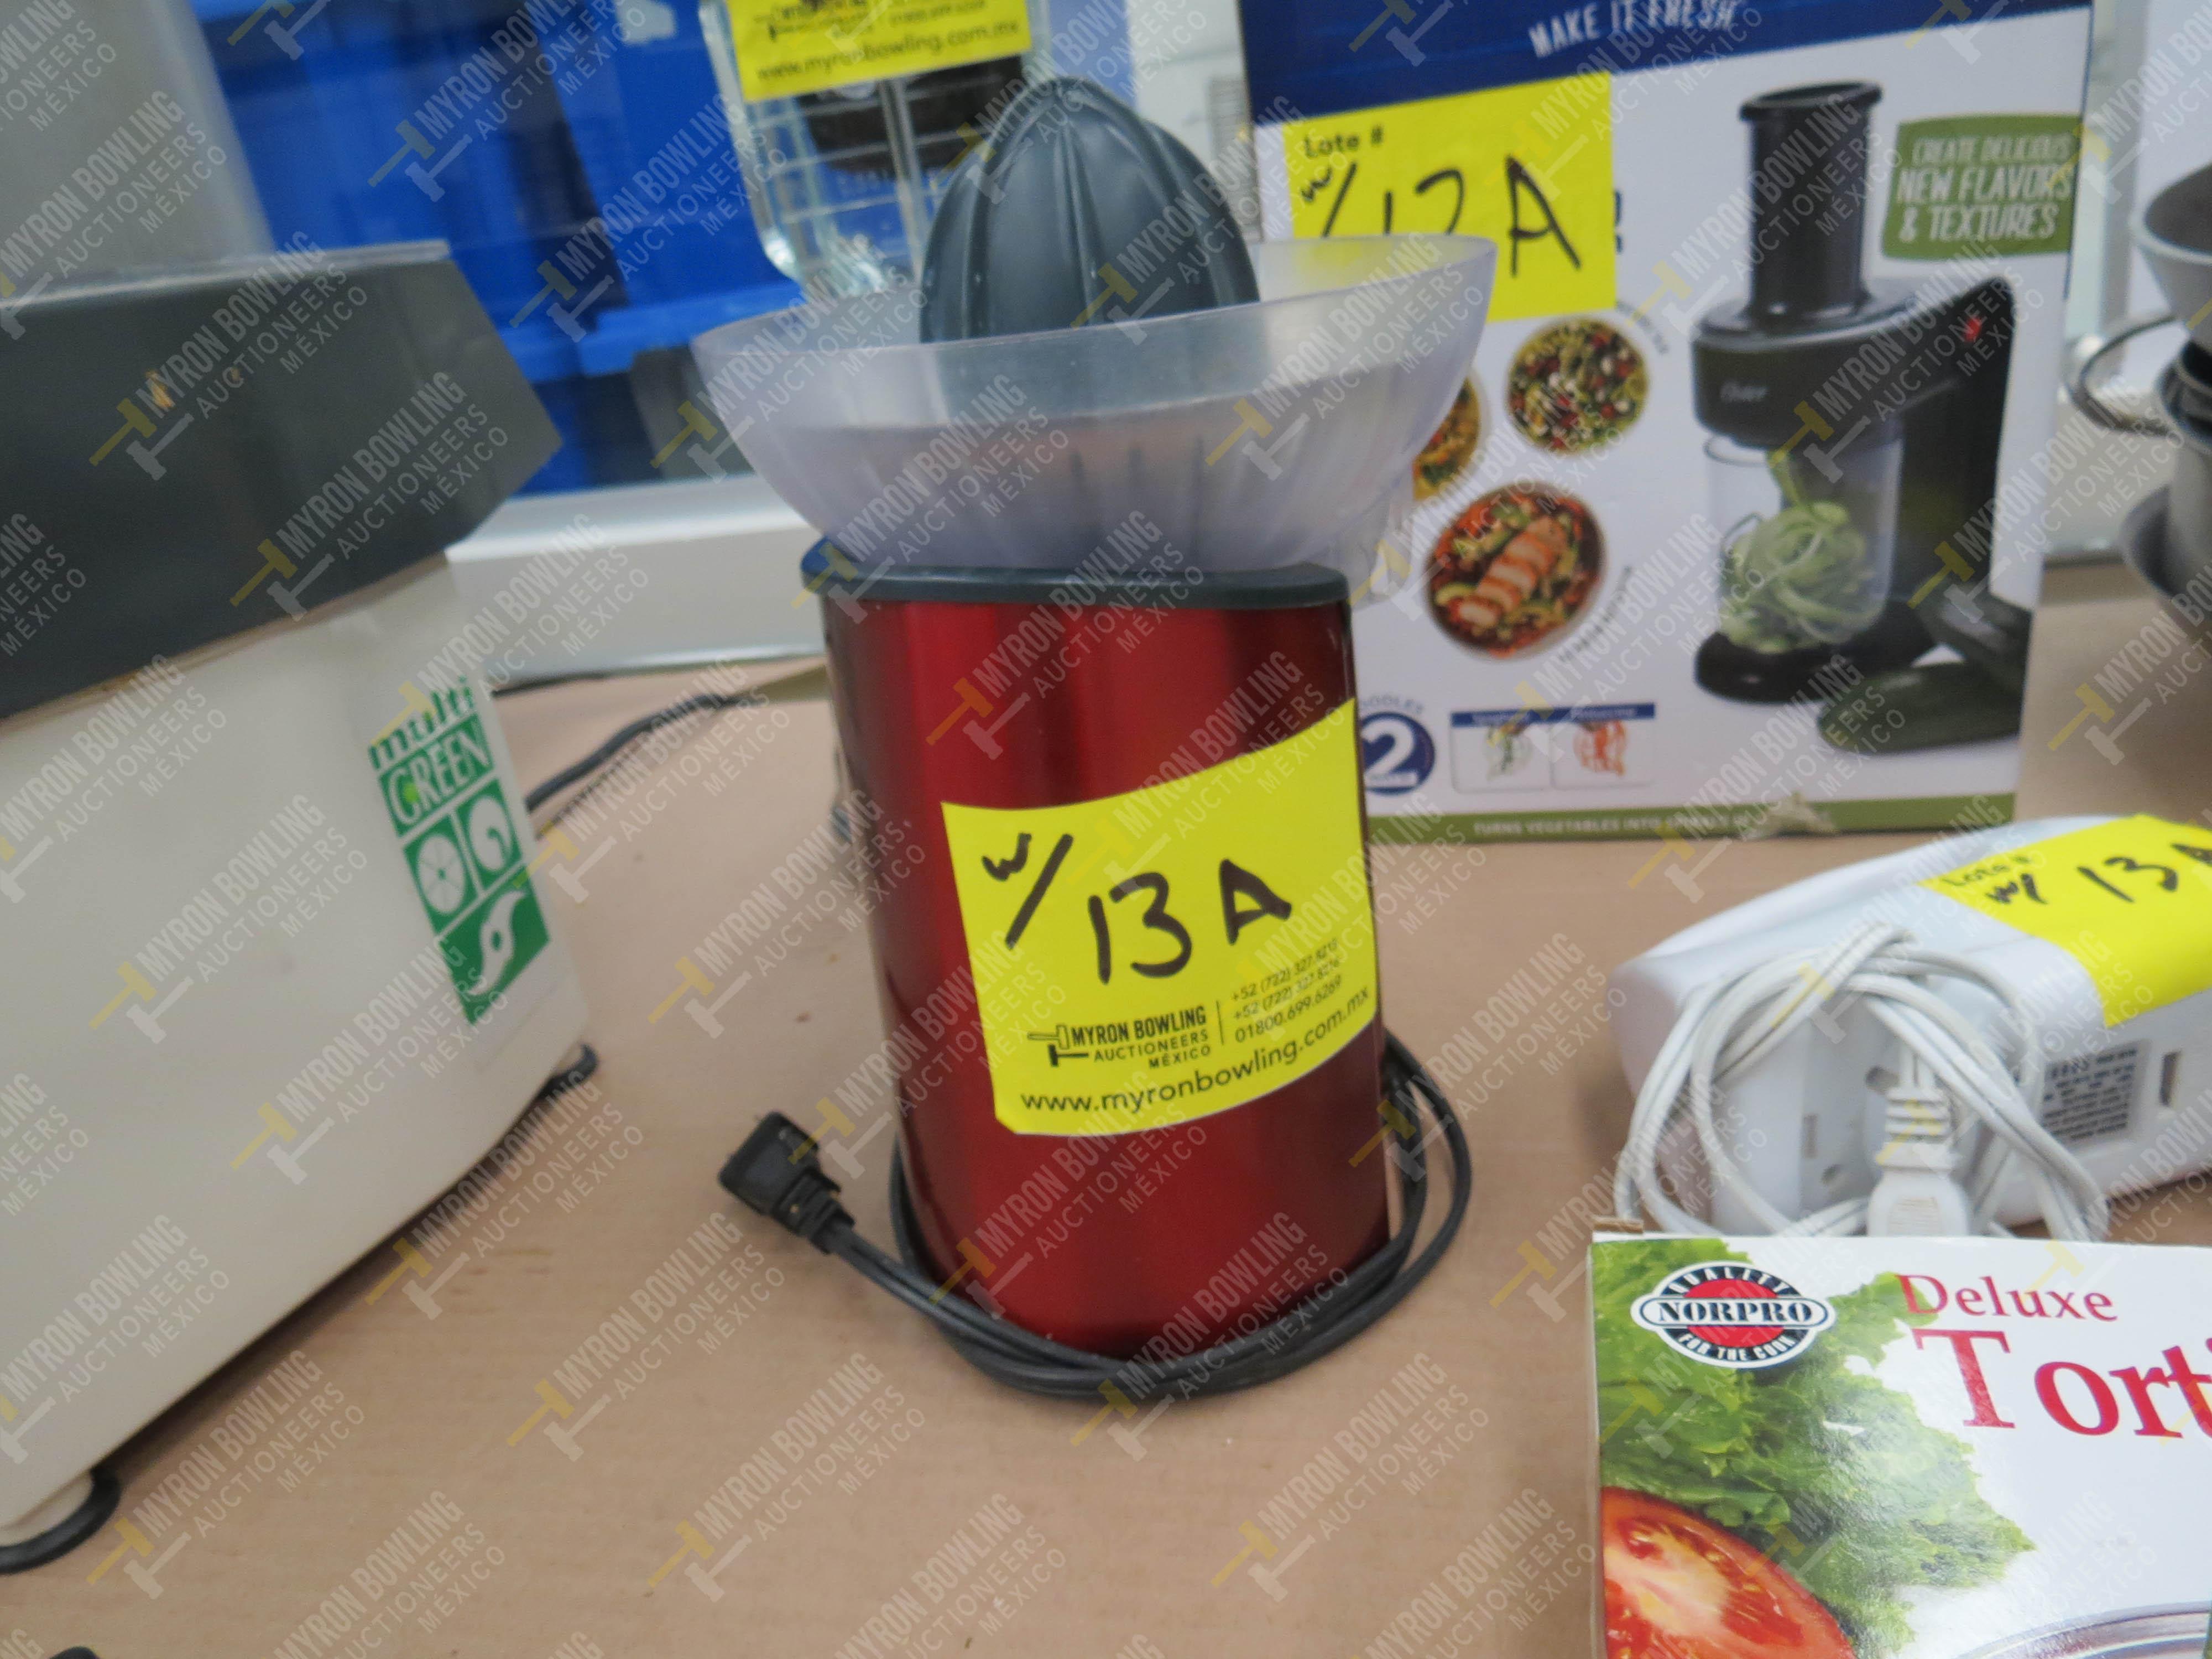 Artículos de cocina varios: extractor de jugos, 12 sartenes de diferentes capacidades